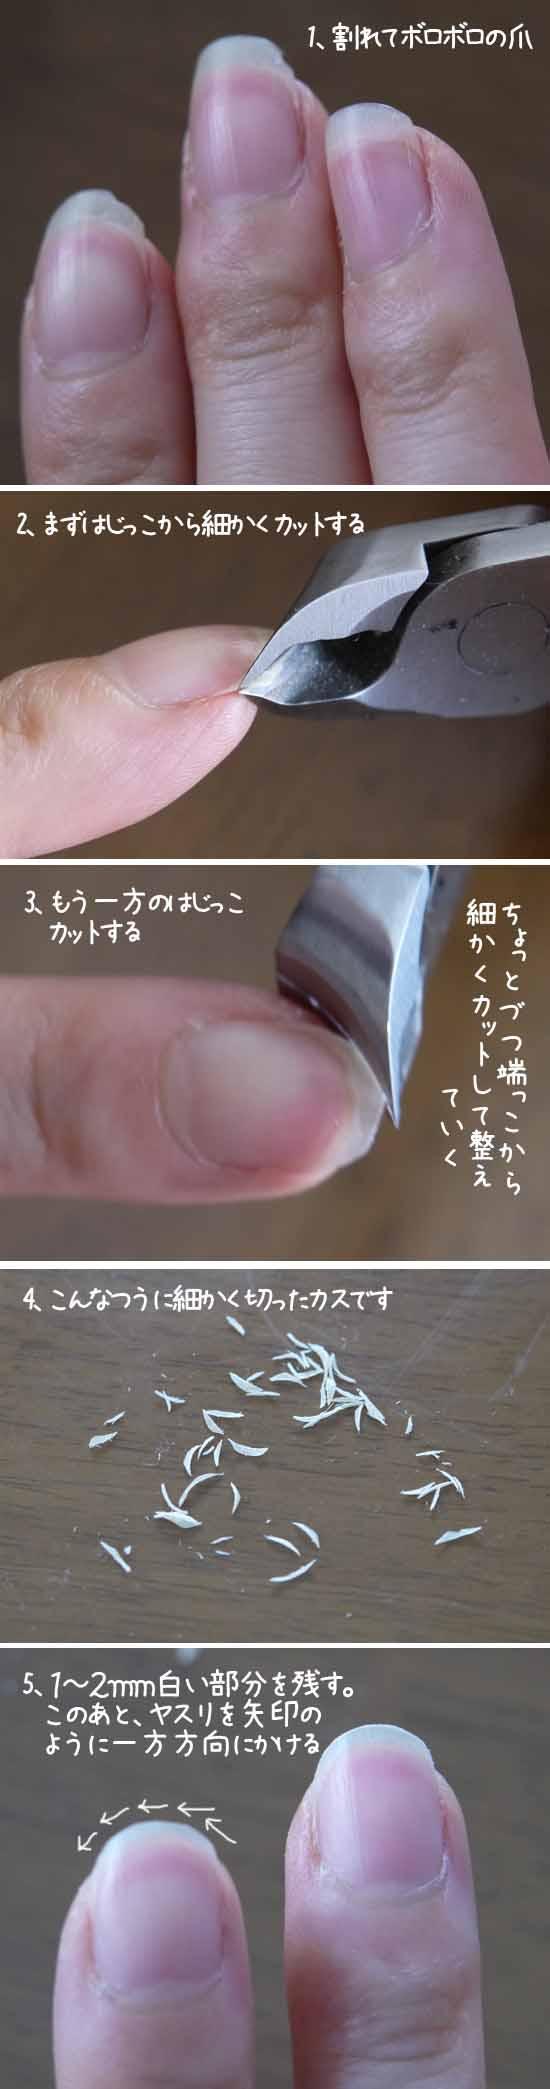 爪の切り方 NHKあさイチ!紹介方法 実践